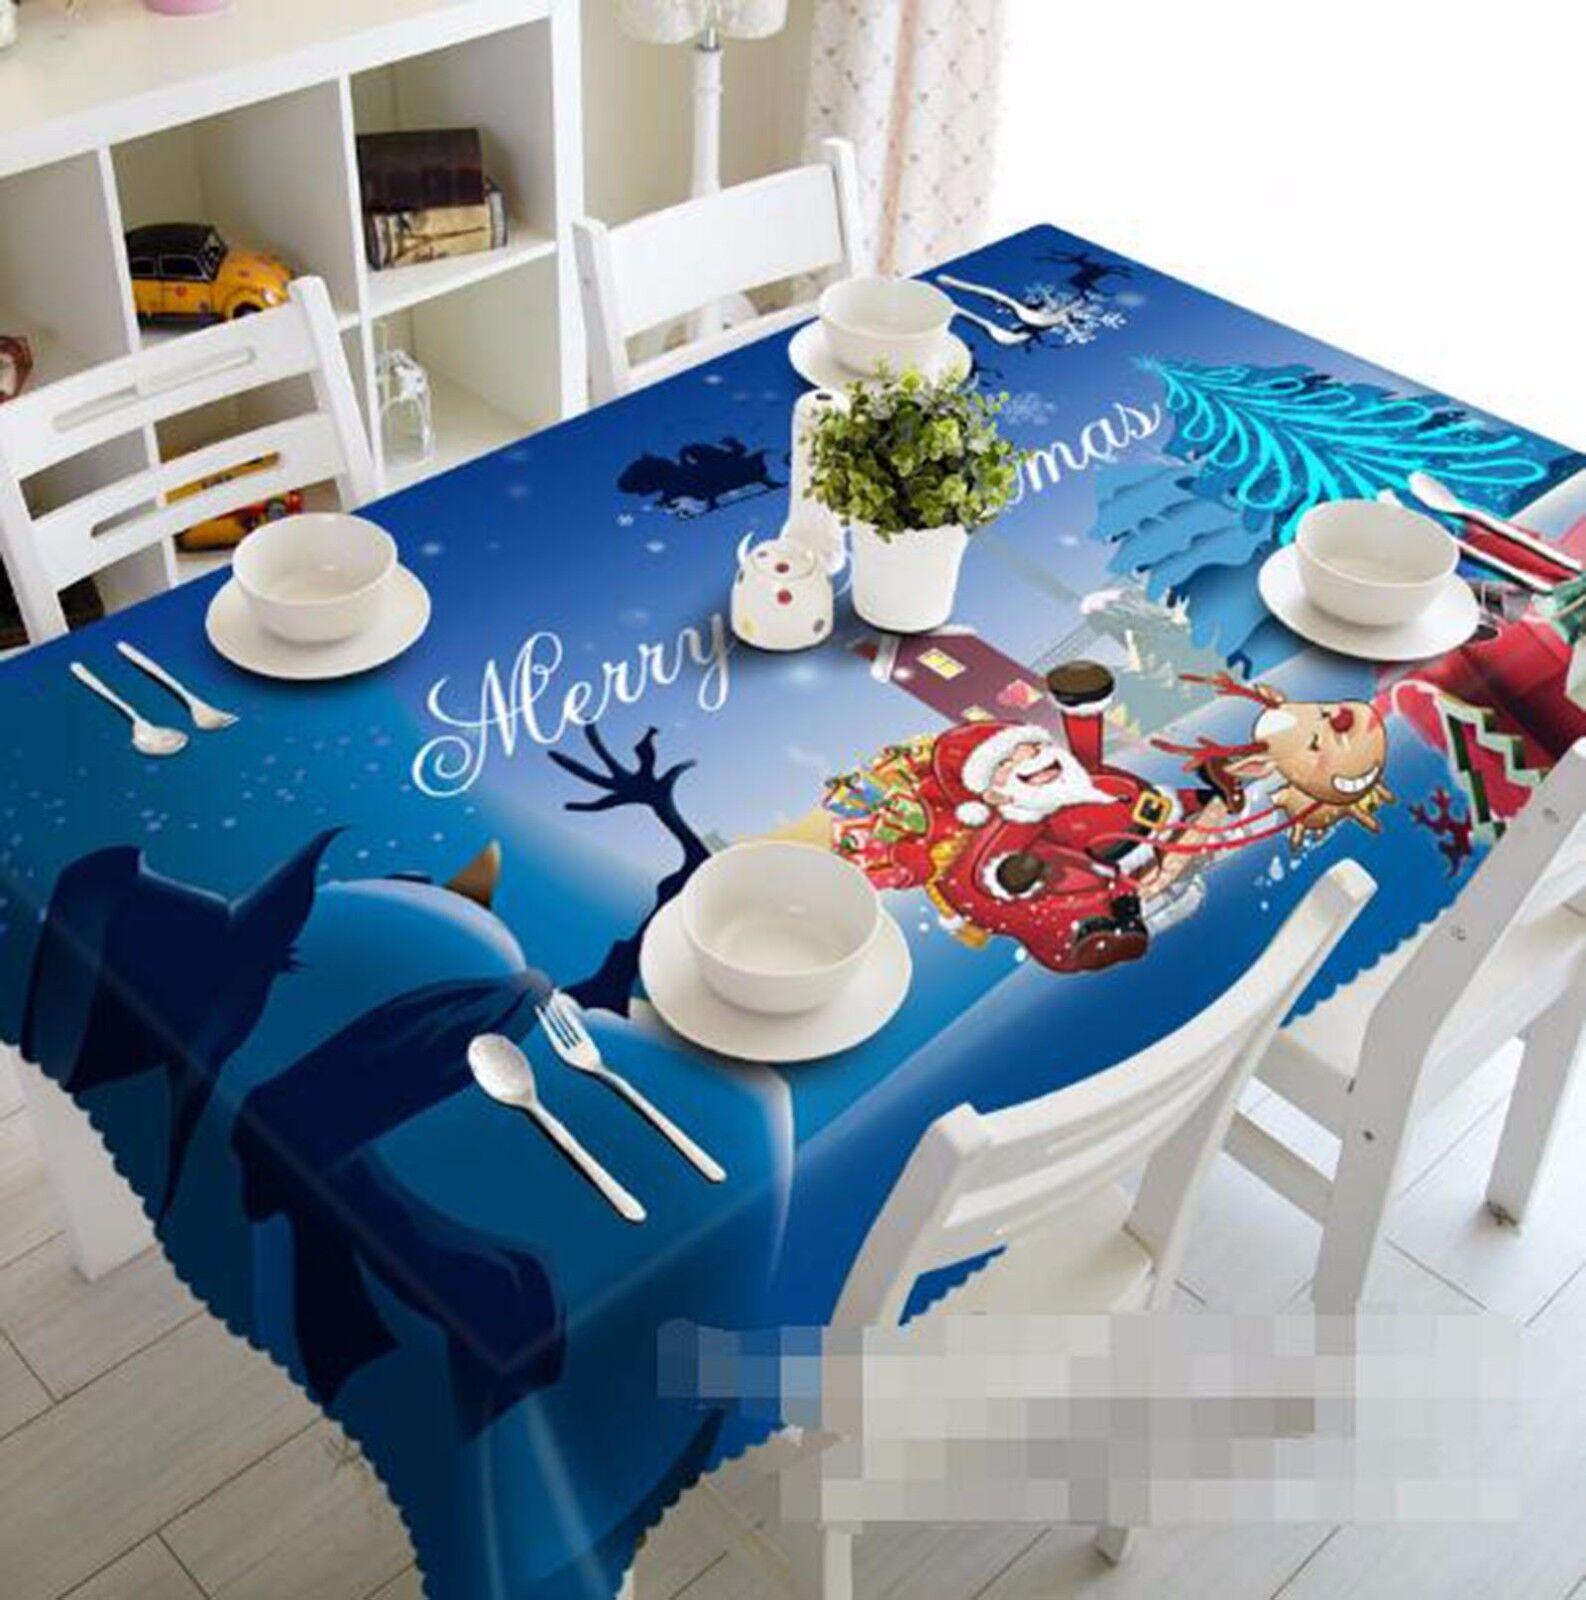 3D nuit 67 Nappe Table Cover Cloth fête d'anniversaire AJ papier peint Royaume-Uni Citron